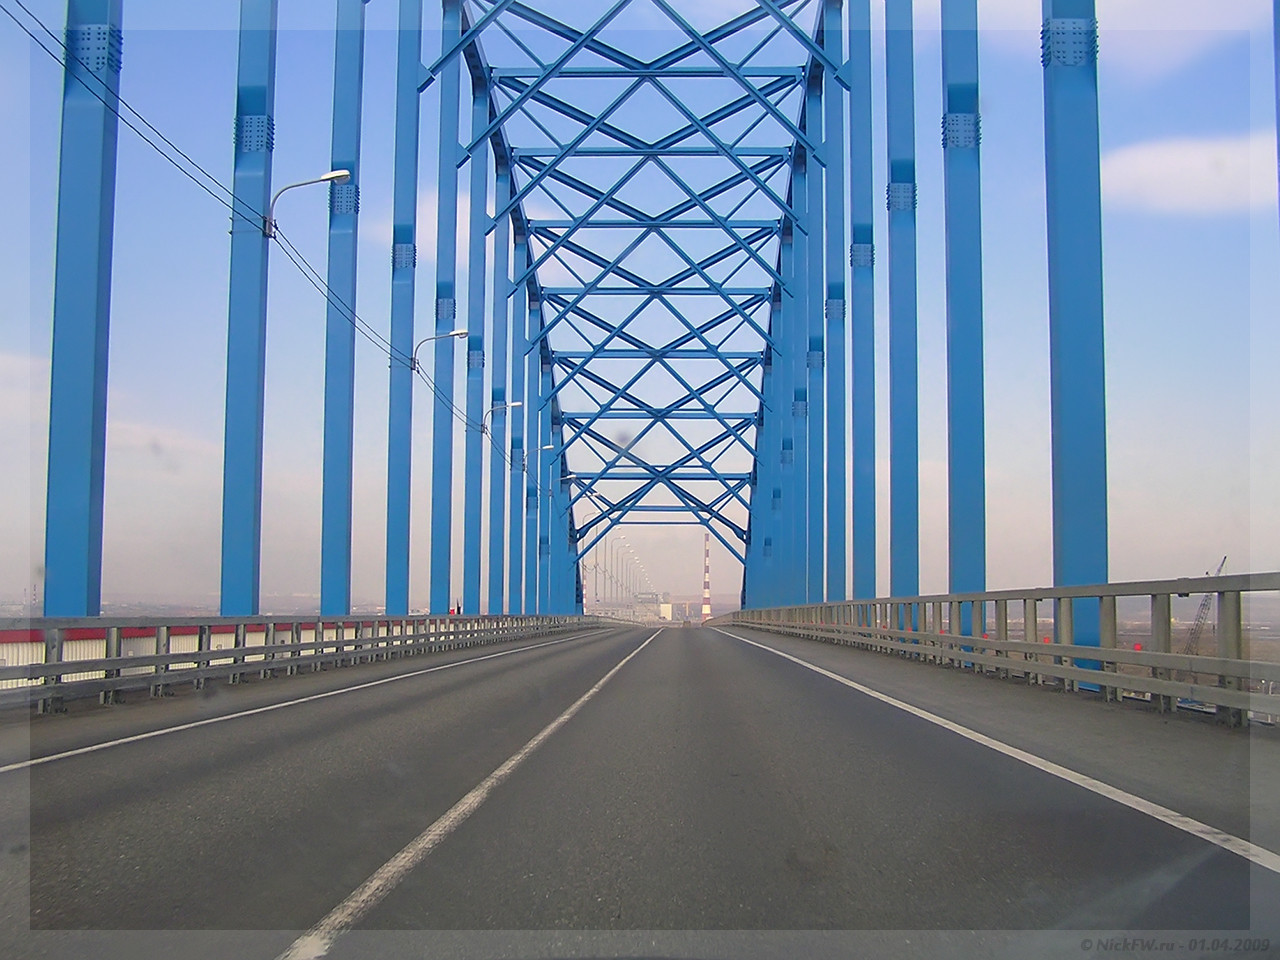 М53 - Мост через Енисей - северный объезд Красноярска (© NickFW - 01.04.2009)